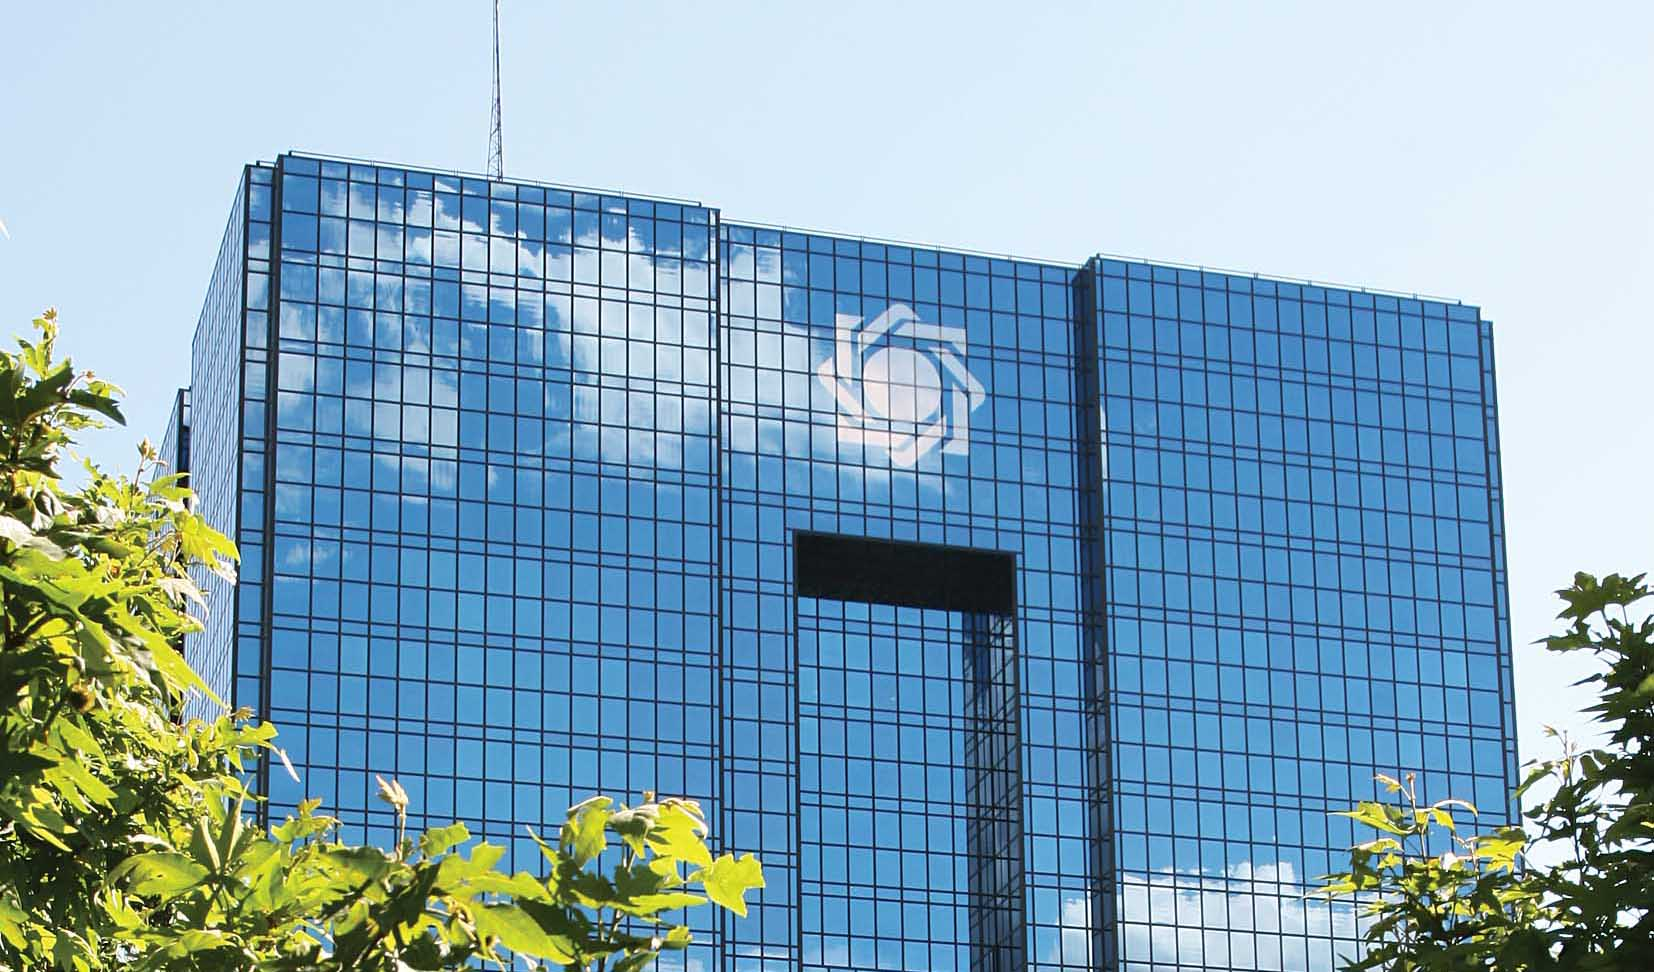 اطلاعیه بانک مرکزی در مورد اعلام روزانه نرخ ارز در سامانه سنا